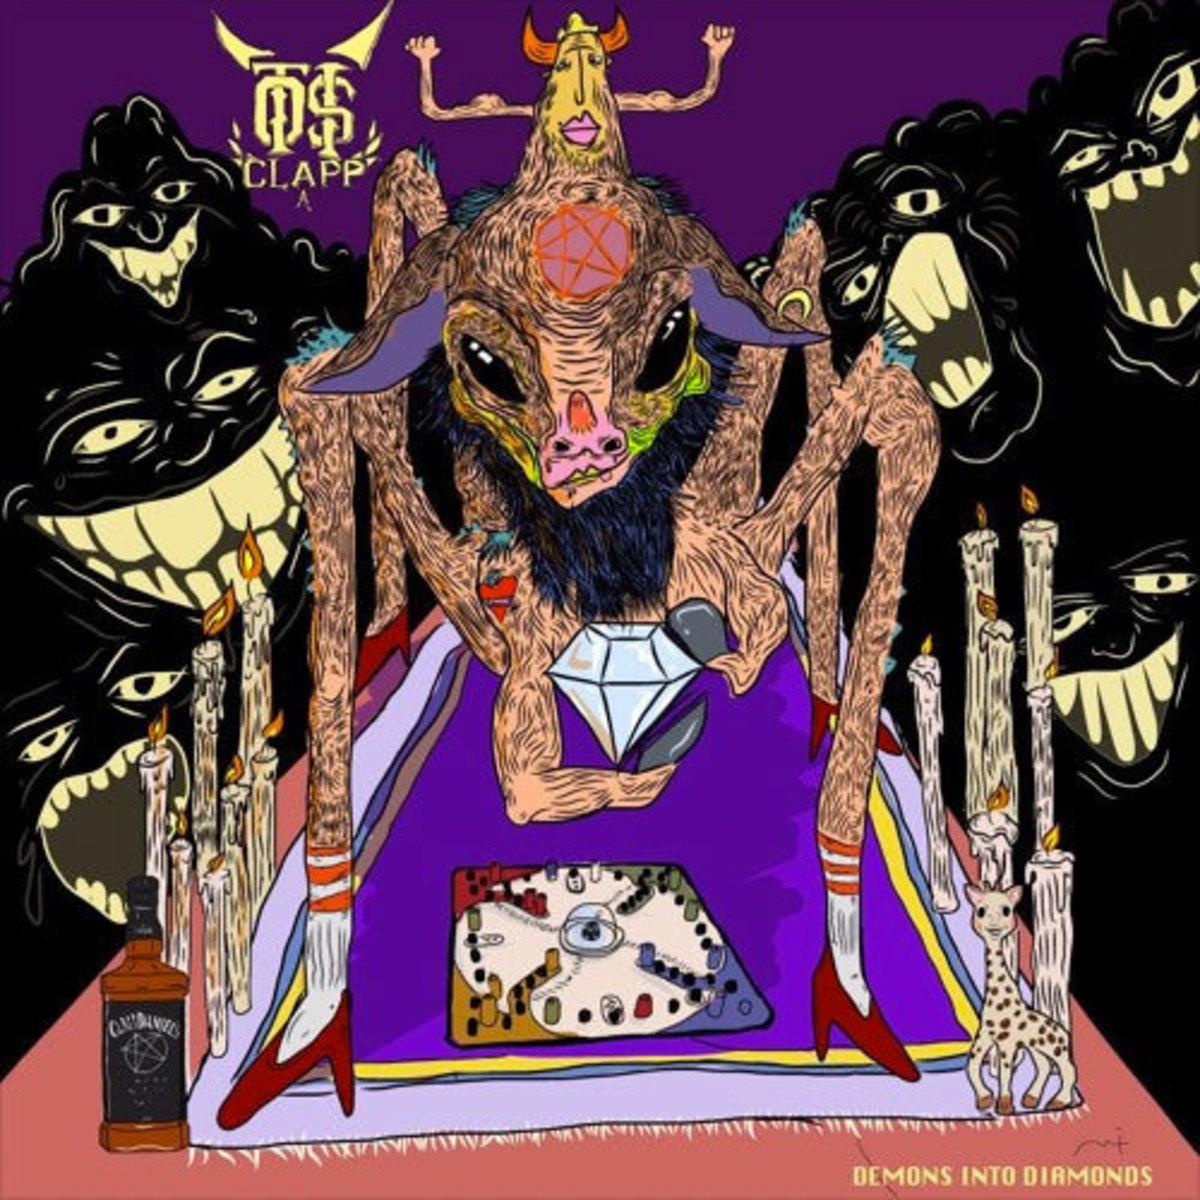 otis-clapp-demons-into-diamonds.jpg